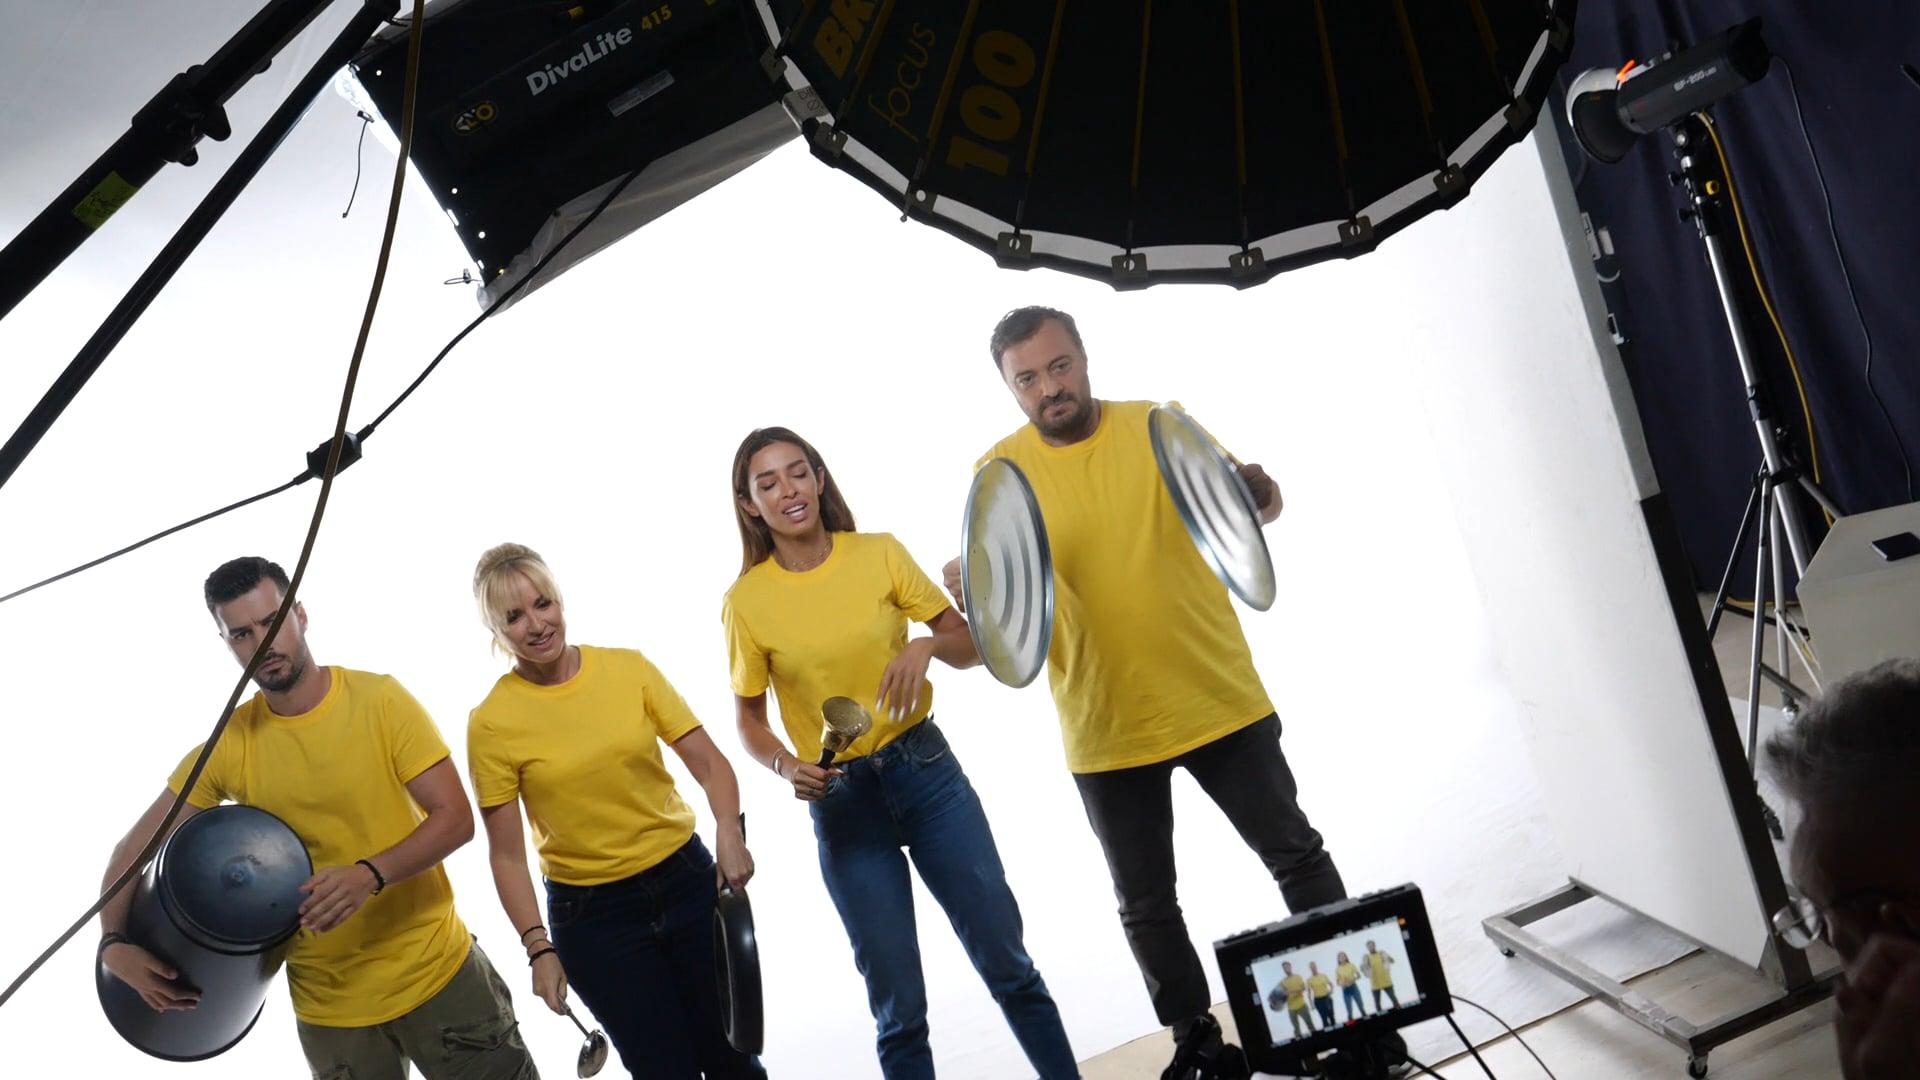 Κάνουμε Θόρυβο - Διαφημιστική Καμπάνια - Backstage